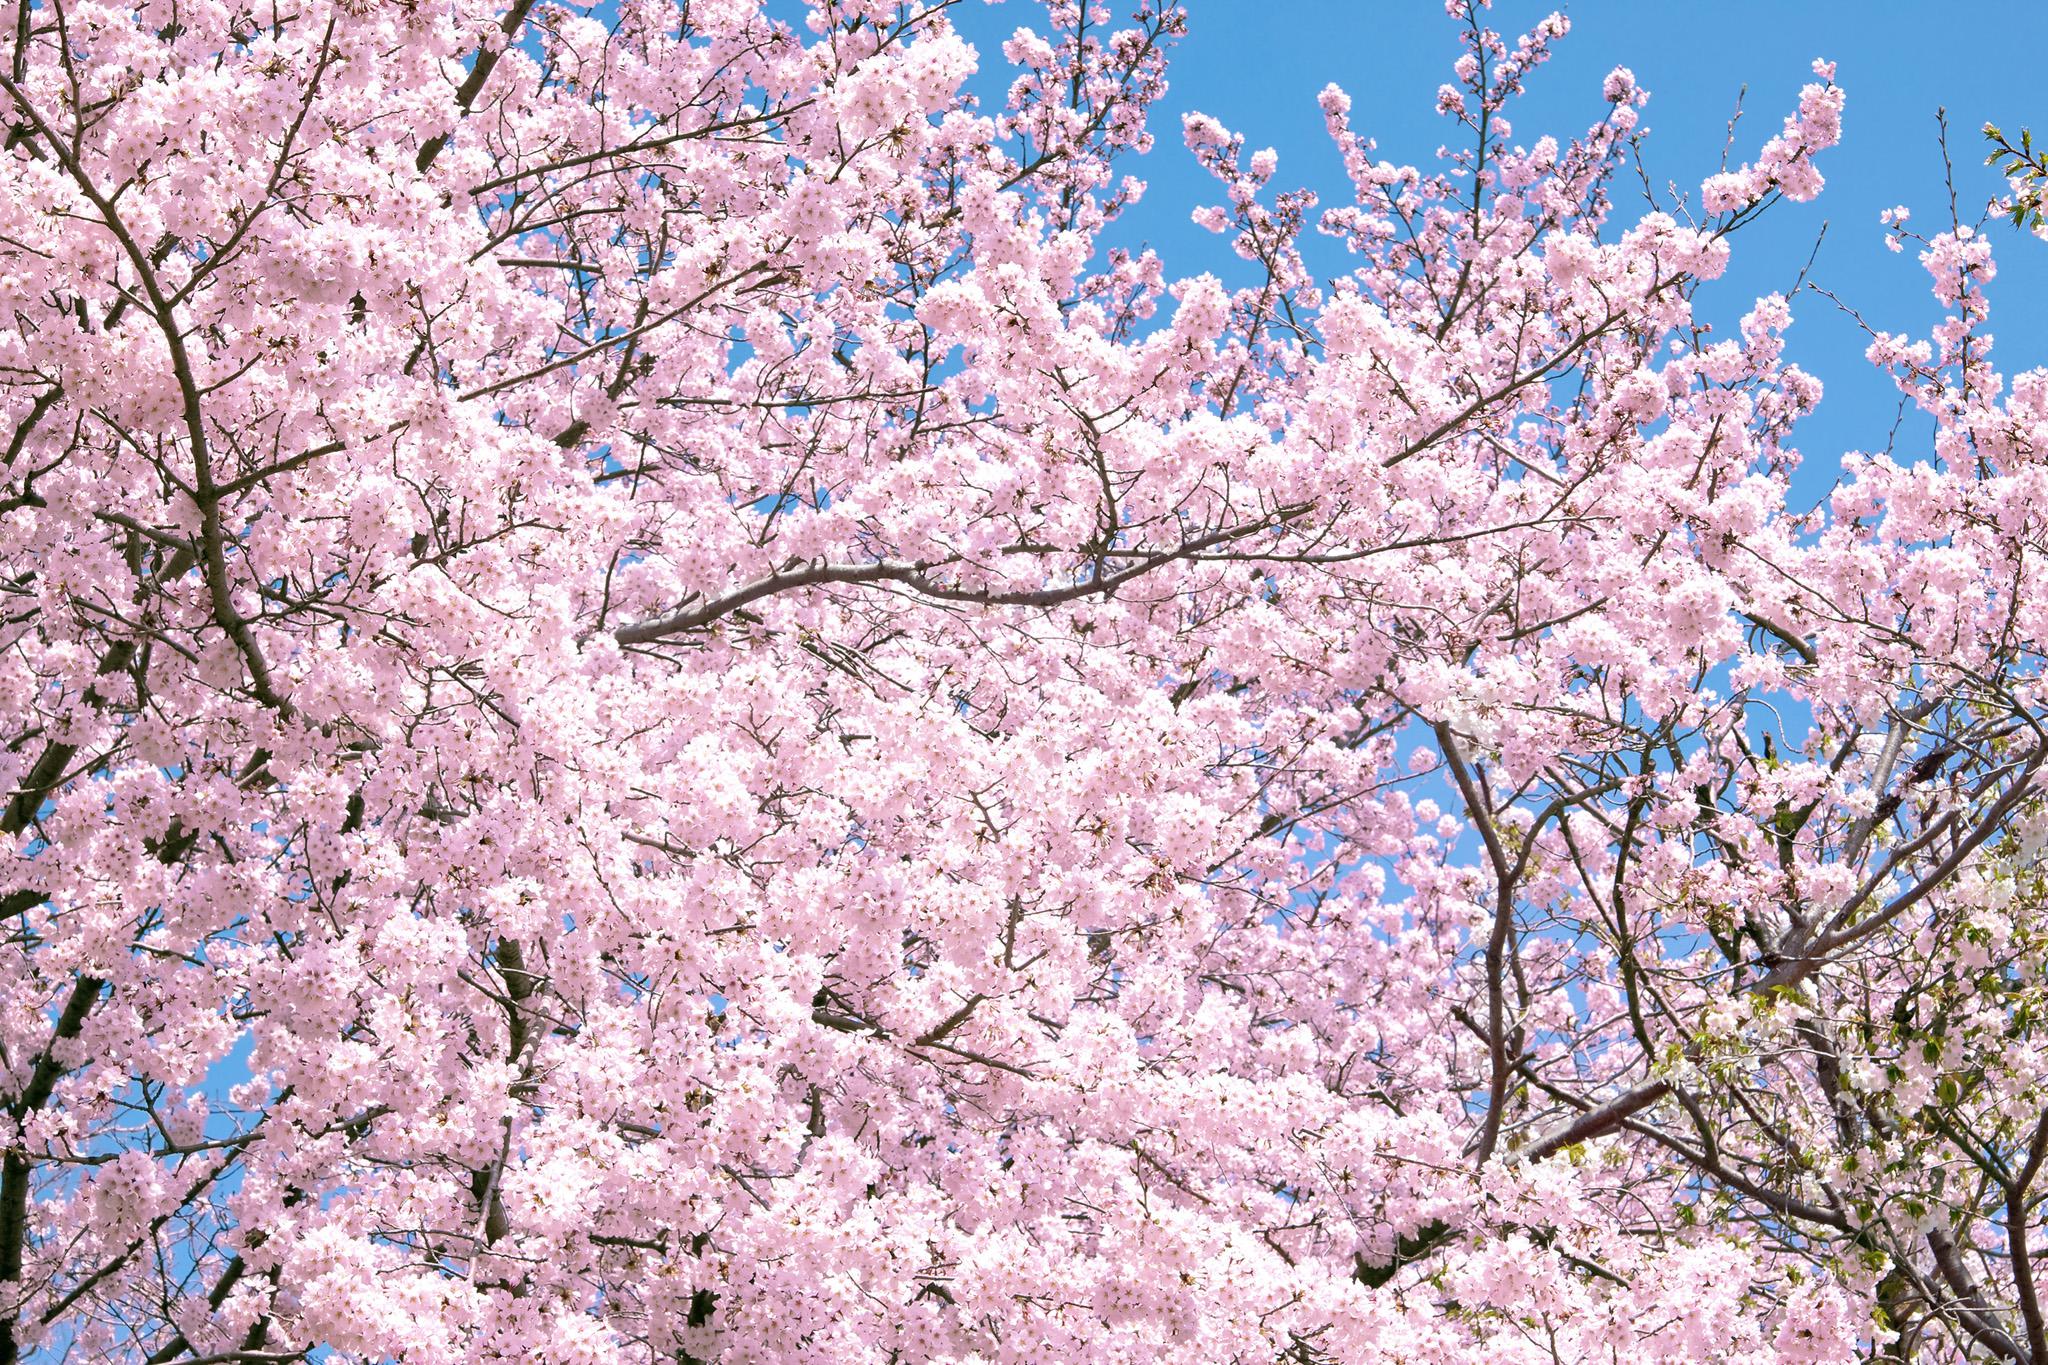 「満開のピンクの桜」